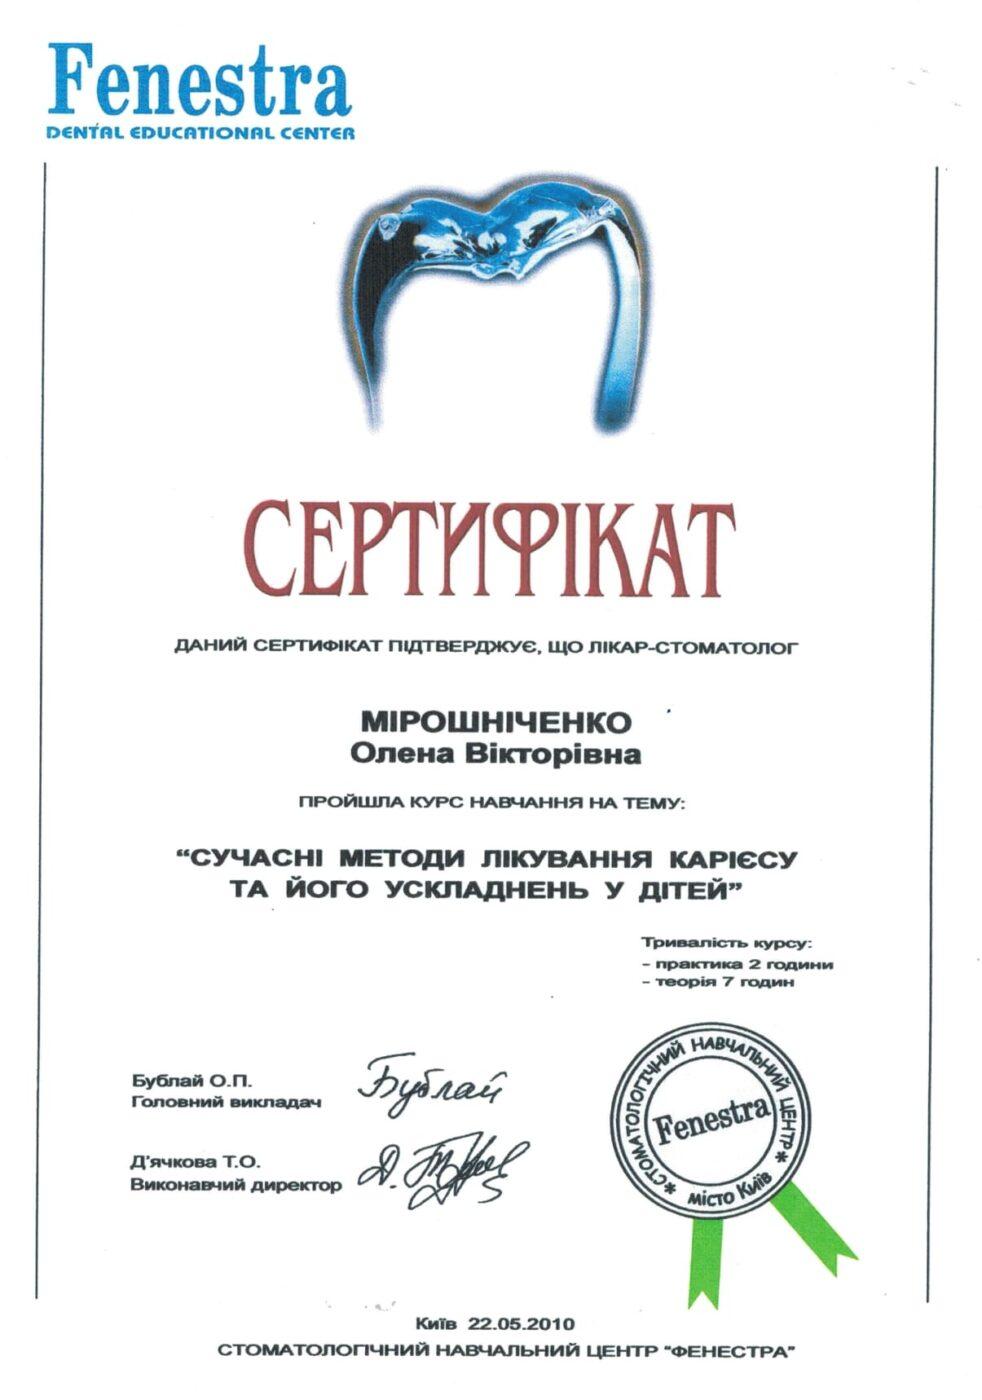 Сертифікат дитячого лікаря стоматолога Мірошниченко Олени Вікторівни об участі у курсі (Сучасні методи лікування карієсу та його ускладнень у дітей)